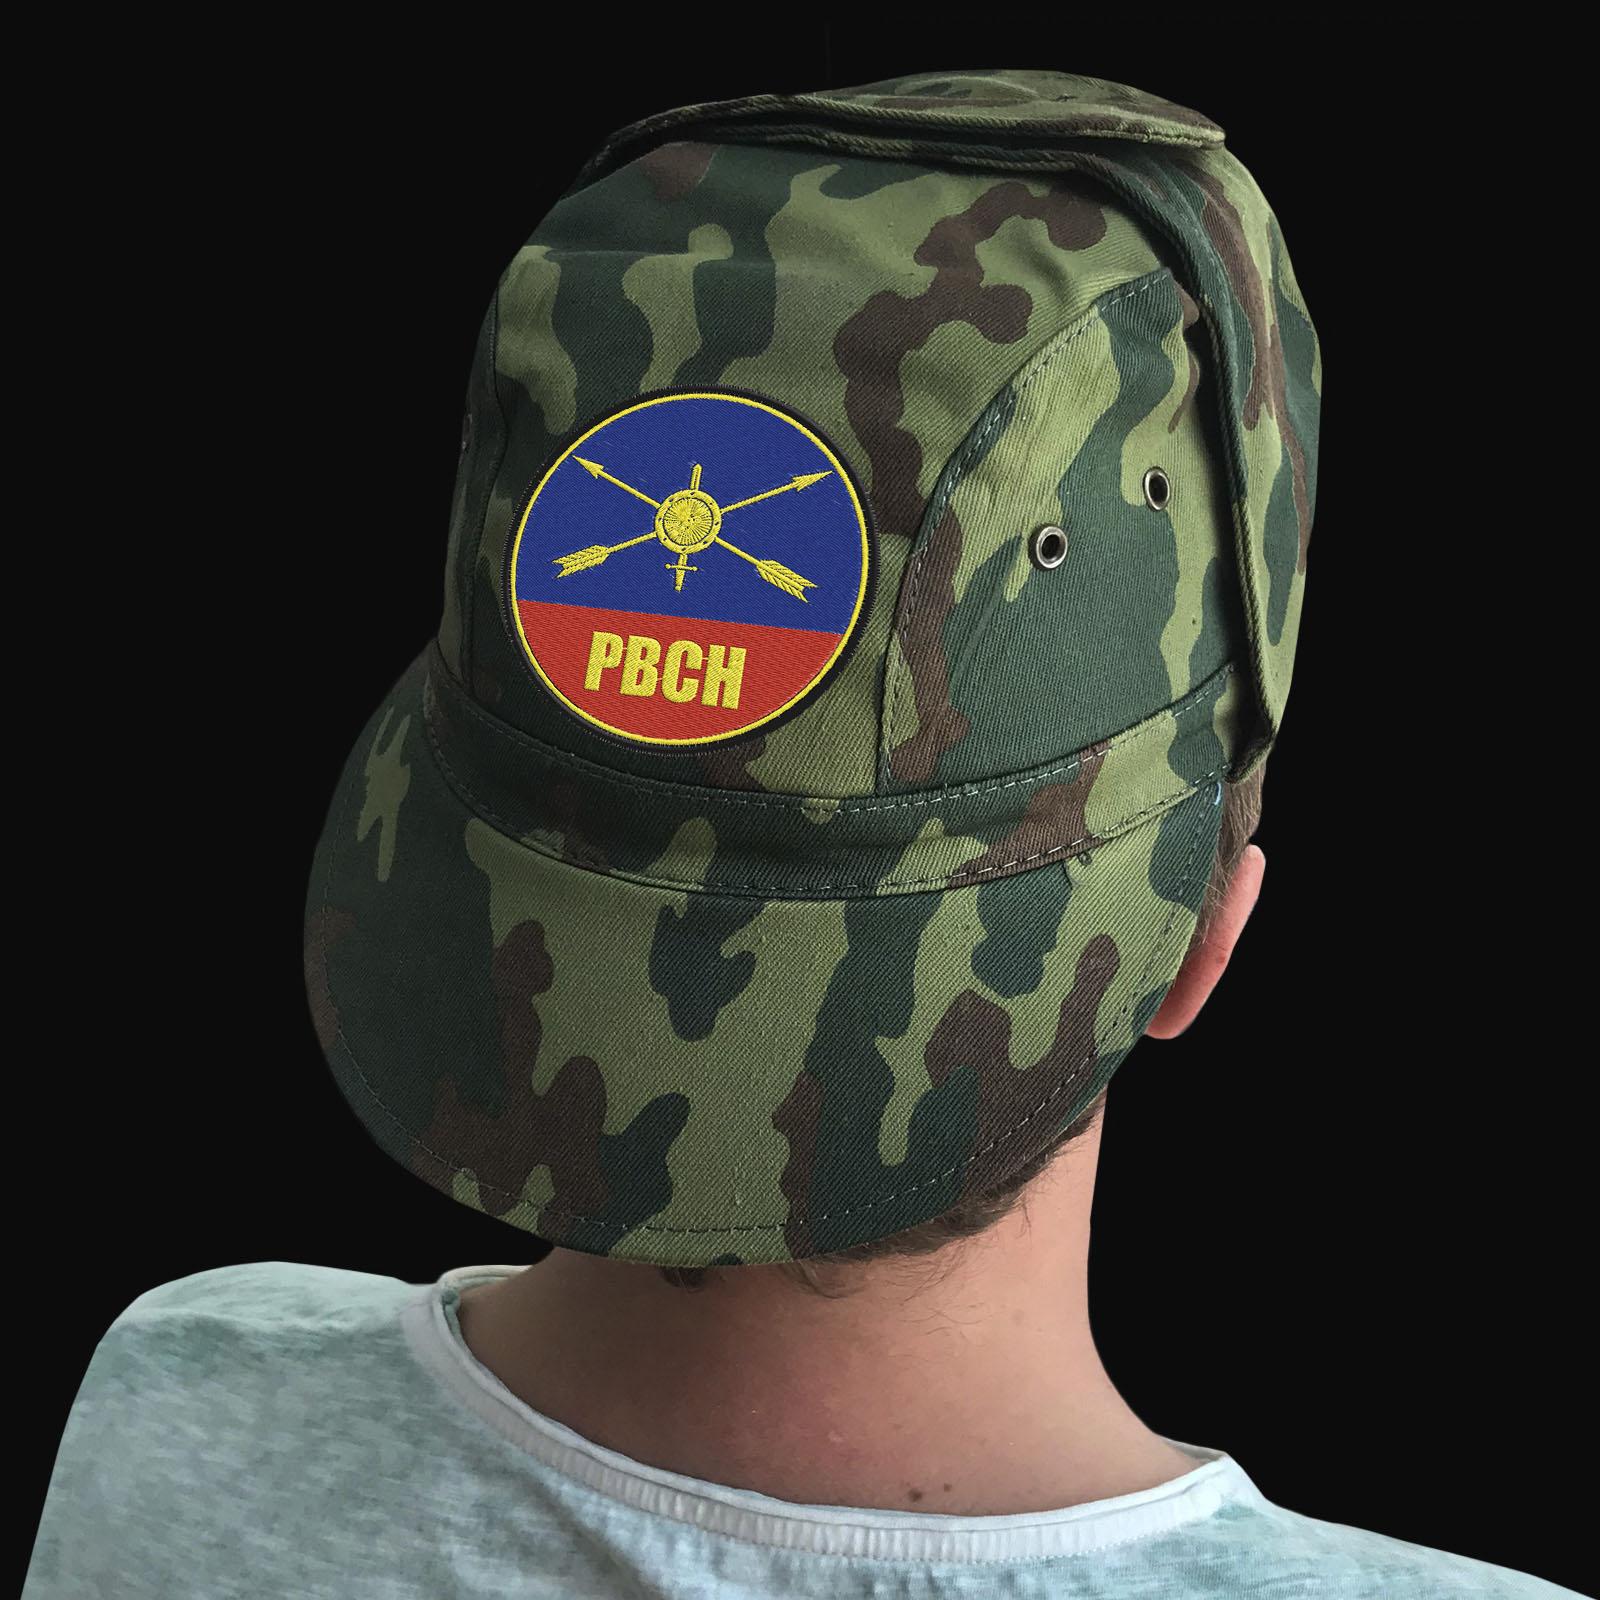 Мужские кепки с символикой Ракетных войск стратегического назначения